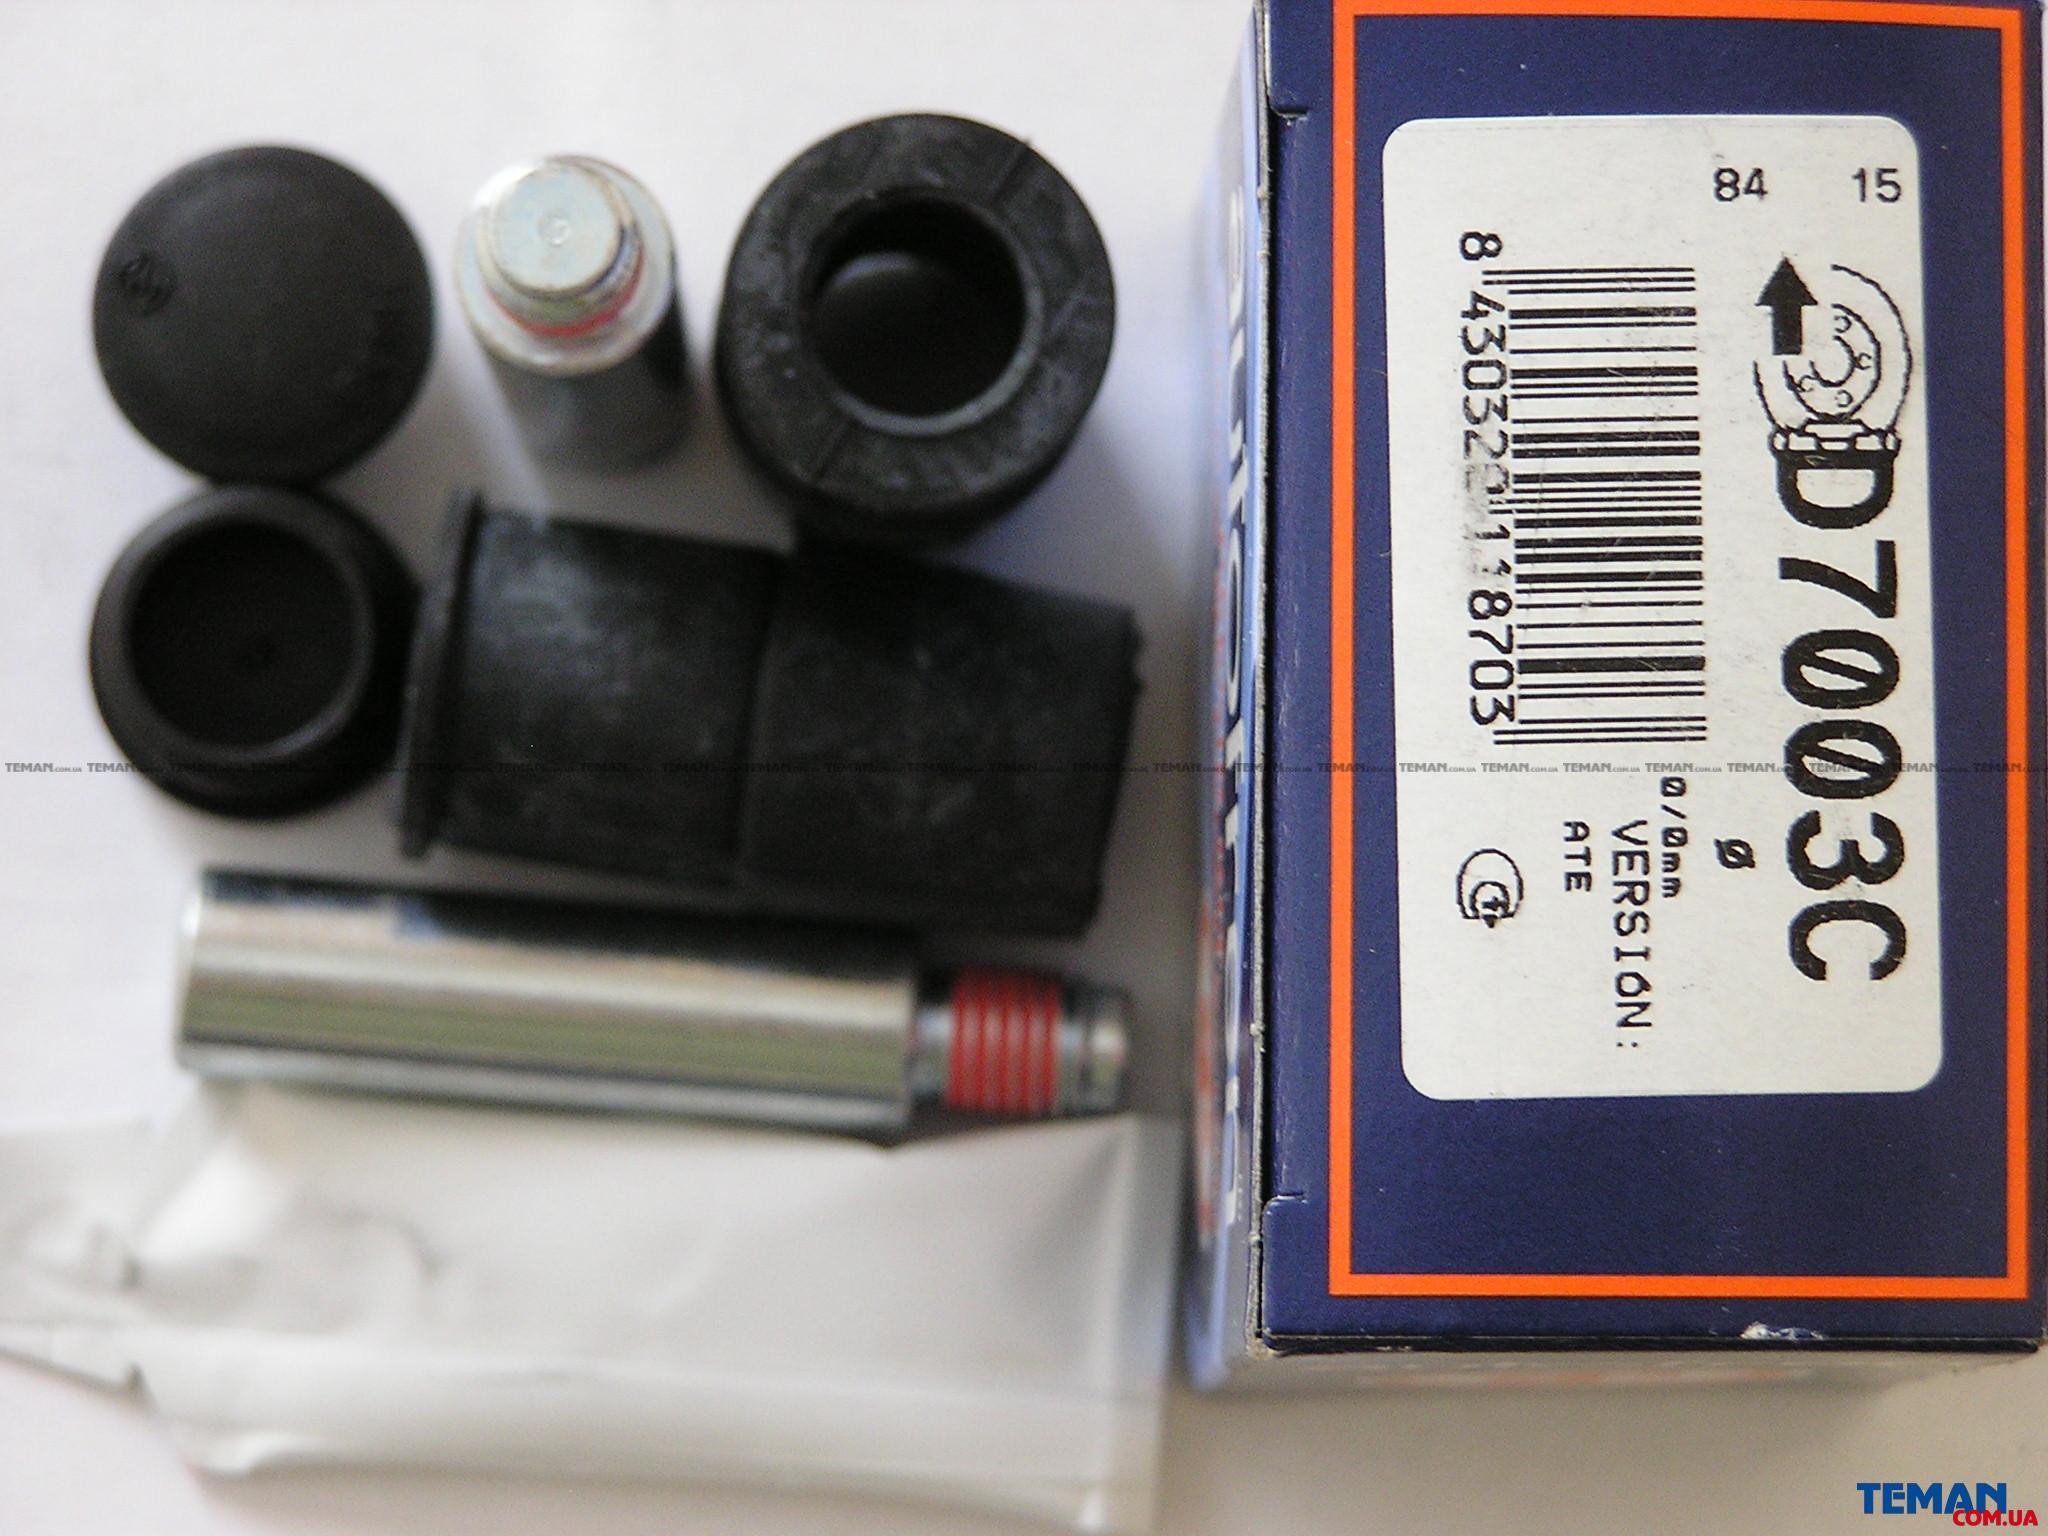 Купить Р-кт тормозного суппорта переднего  VW Caddy 1.4-2.0 04-/BMW 3/5/7/Alfa Romeo 145/155AUTOFREN SEINSA D7003C для Ауди 100 avant (44, 44q, c3)